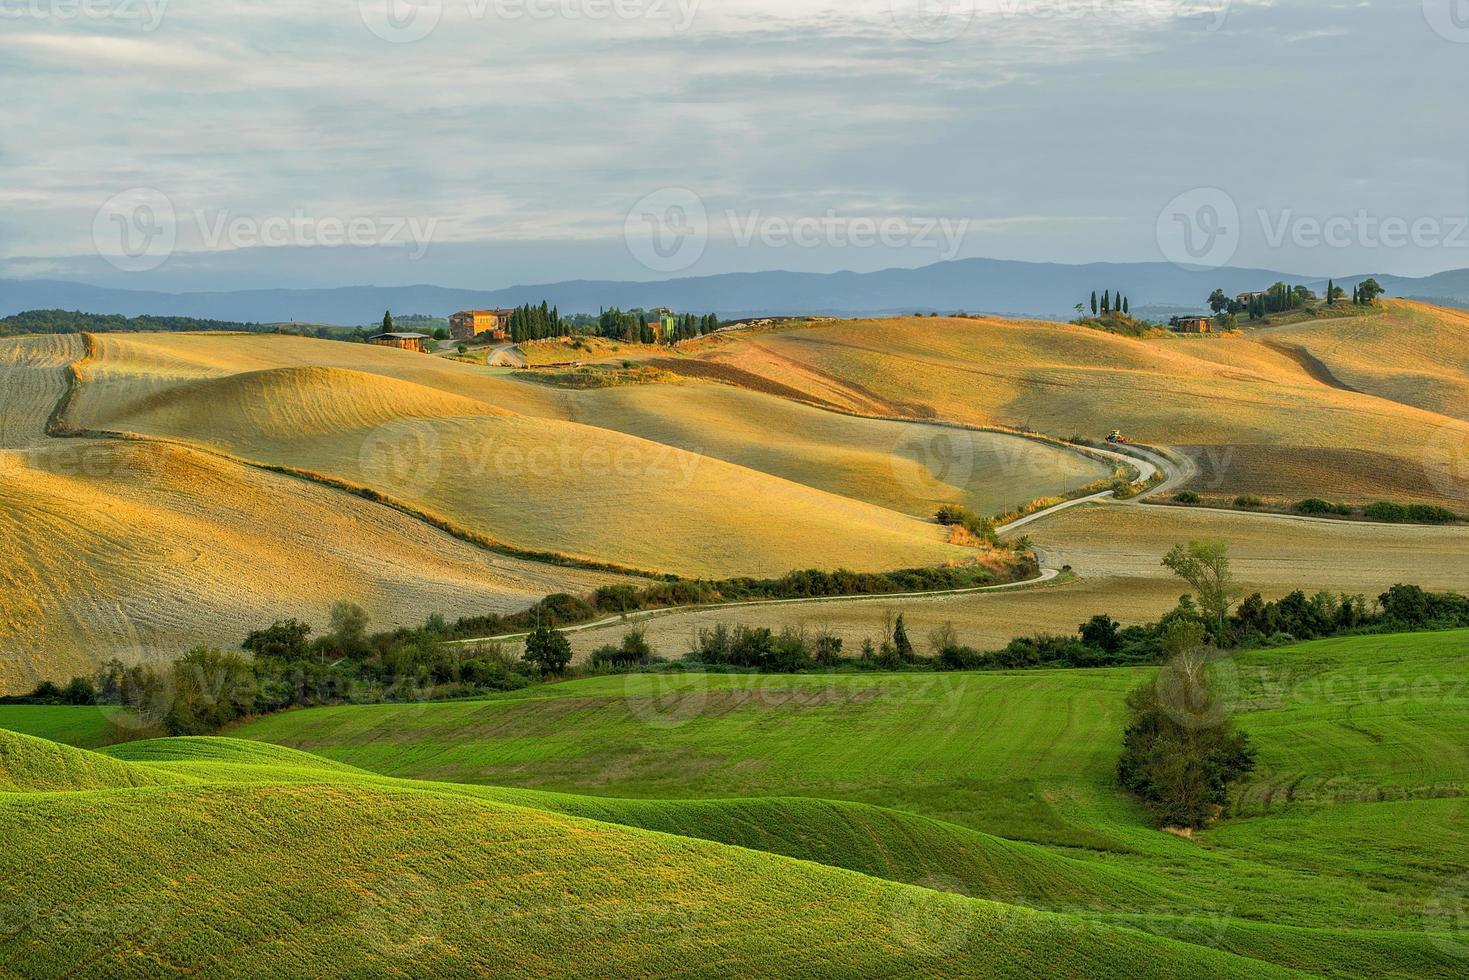 toscana - panorama del paesaggio, colline e prati, toscana - italia foto